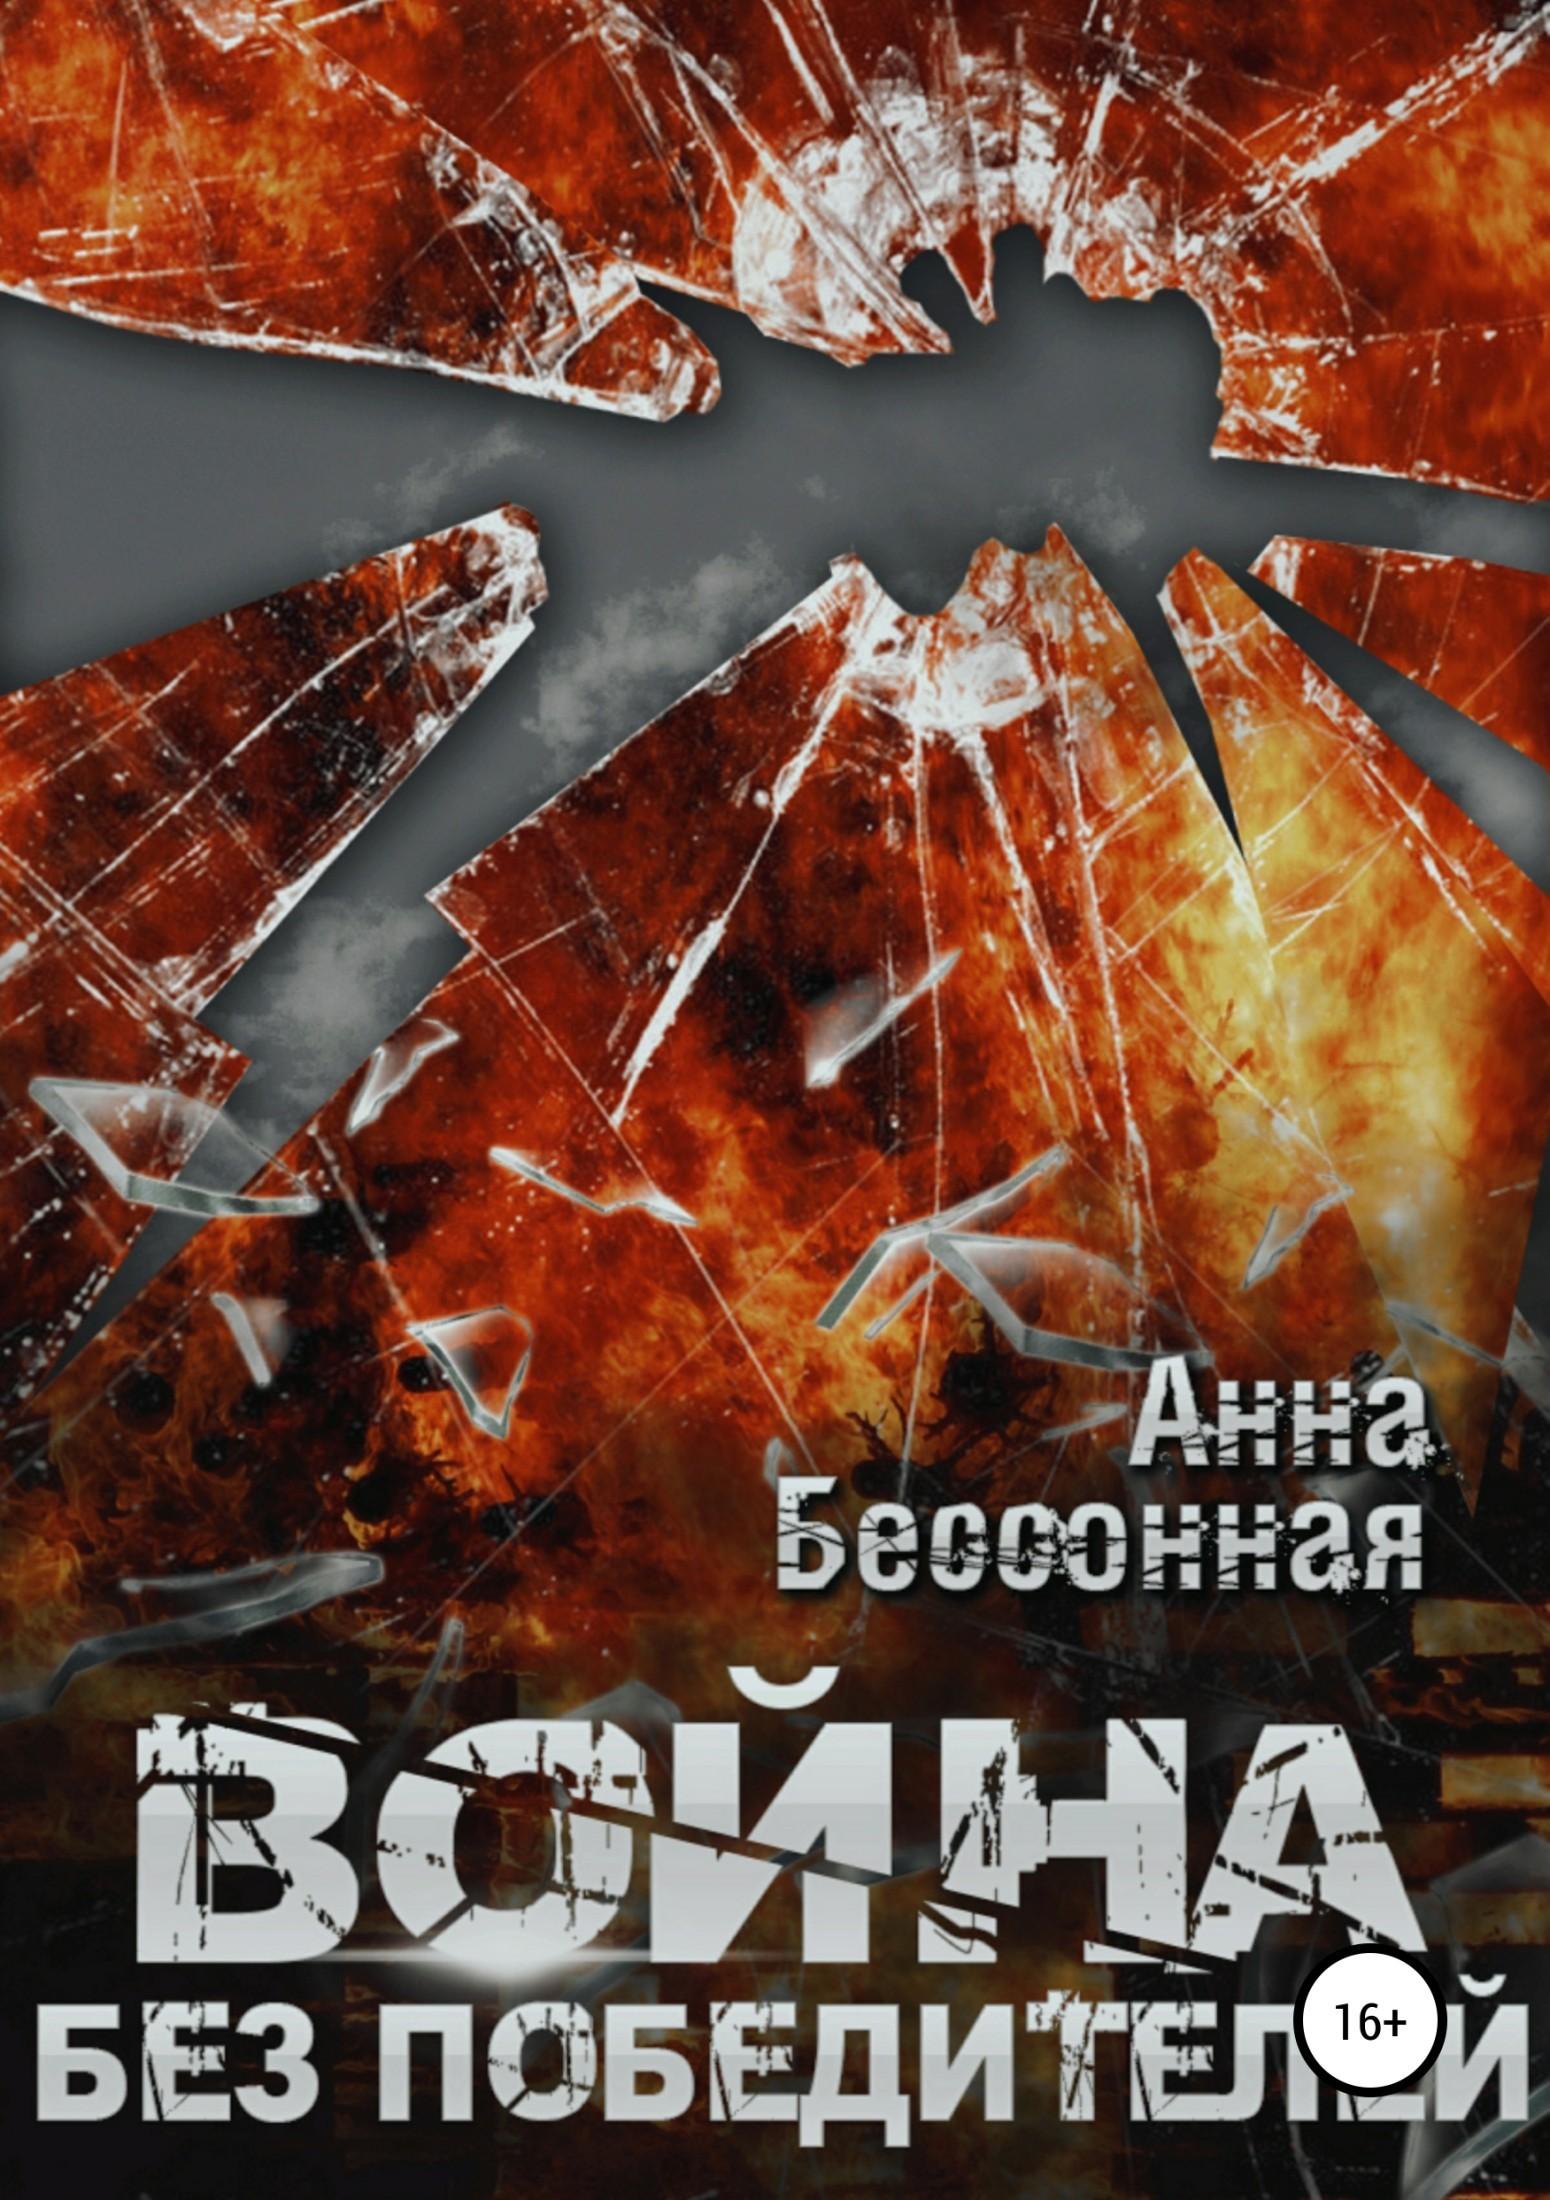 Анна Бессонная - Война без победителей